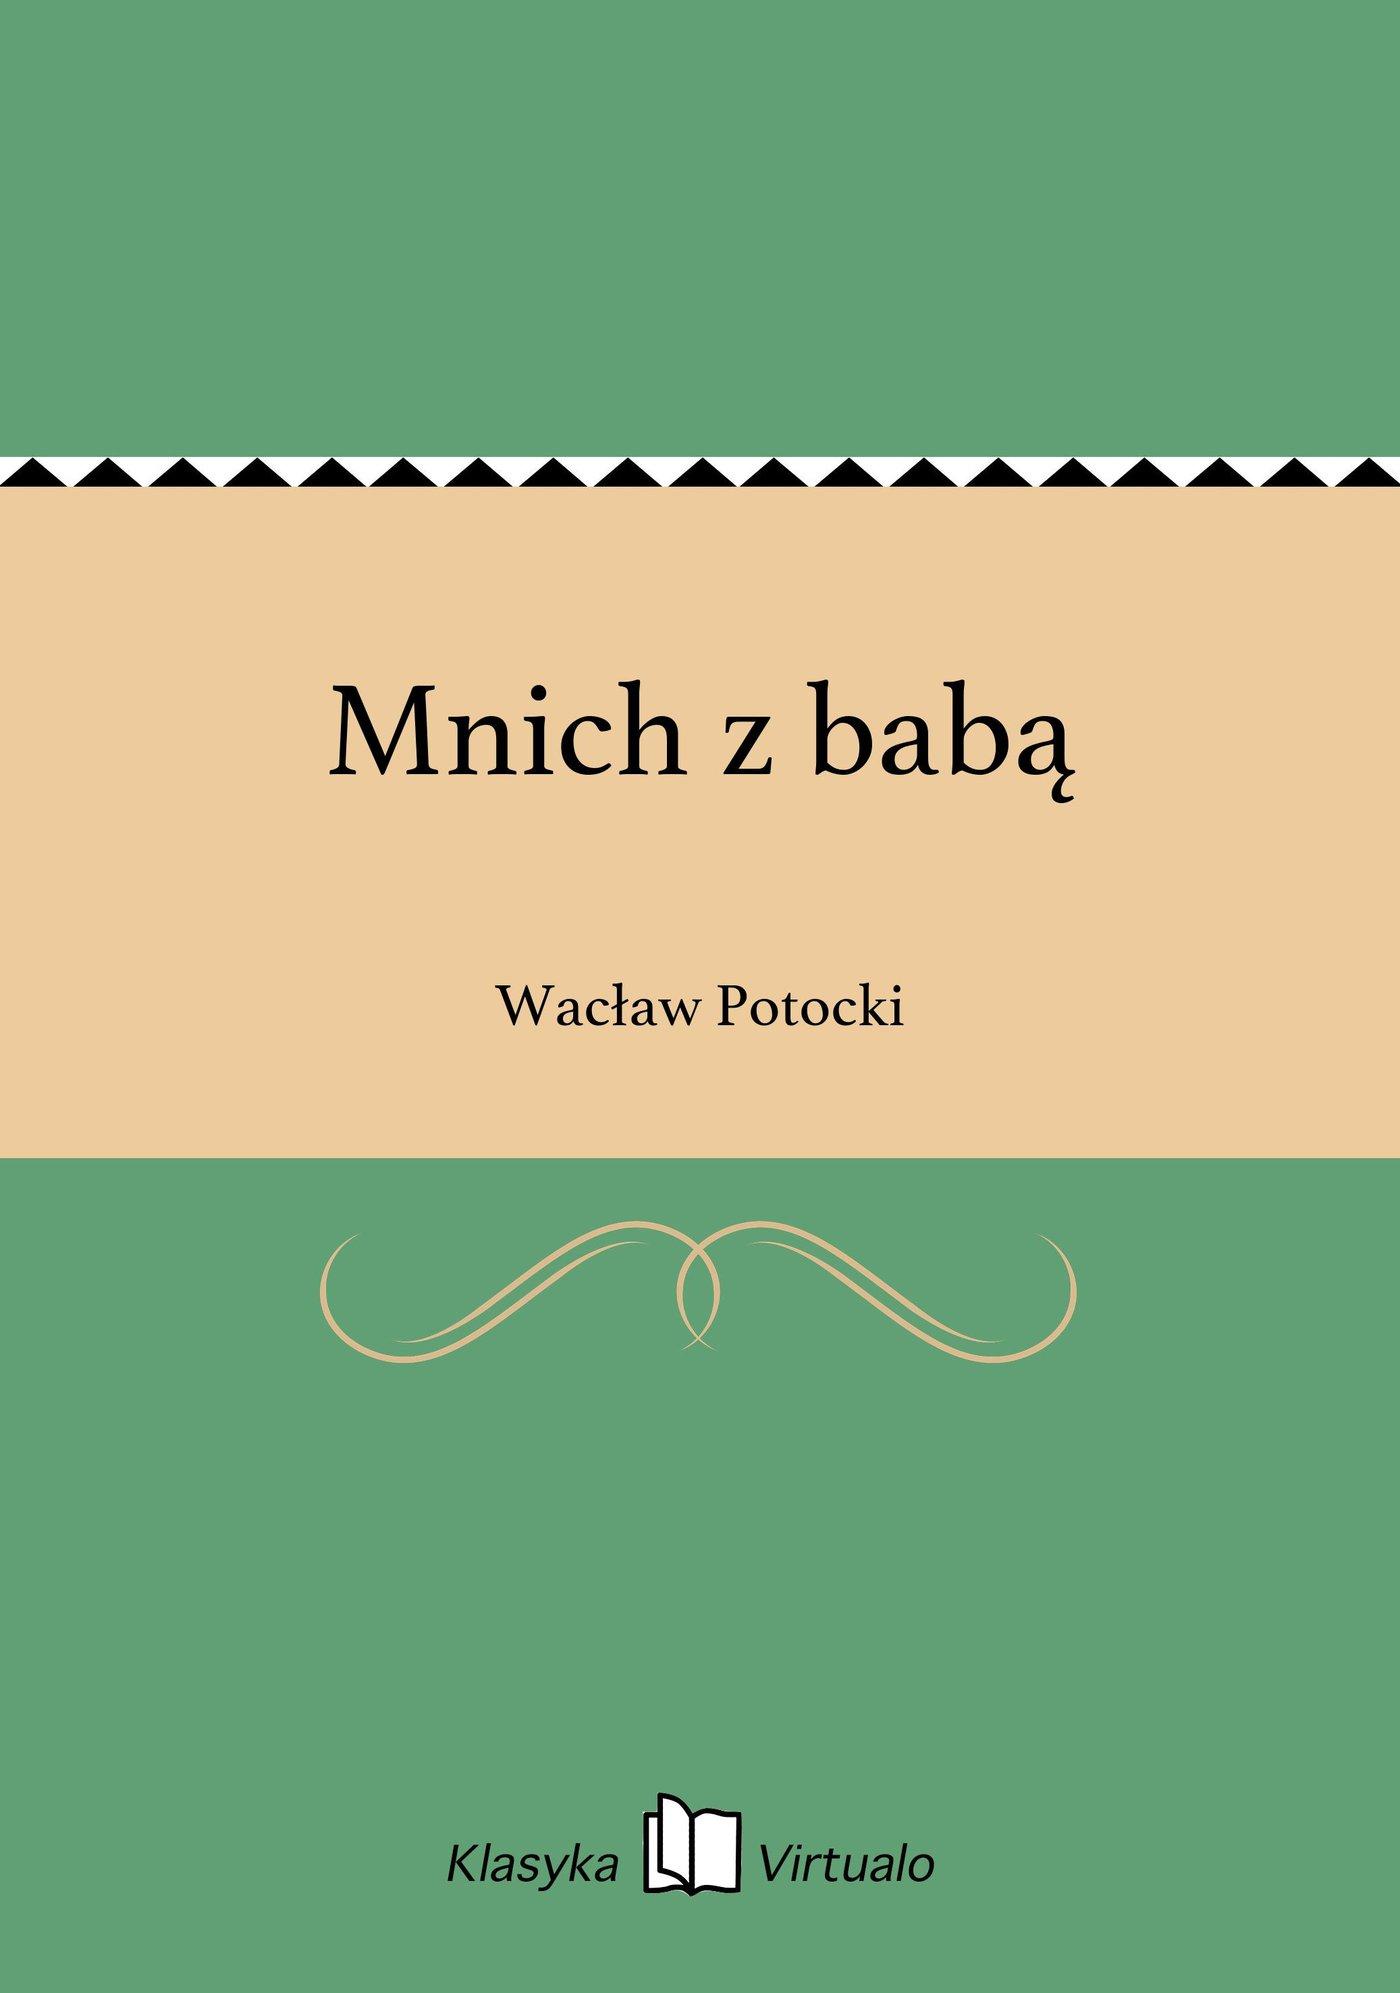 Mnich z babą - Ebook (Książka EPUB) do pobrania w formacie EPUB